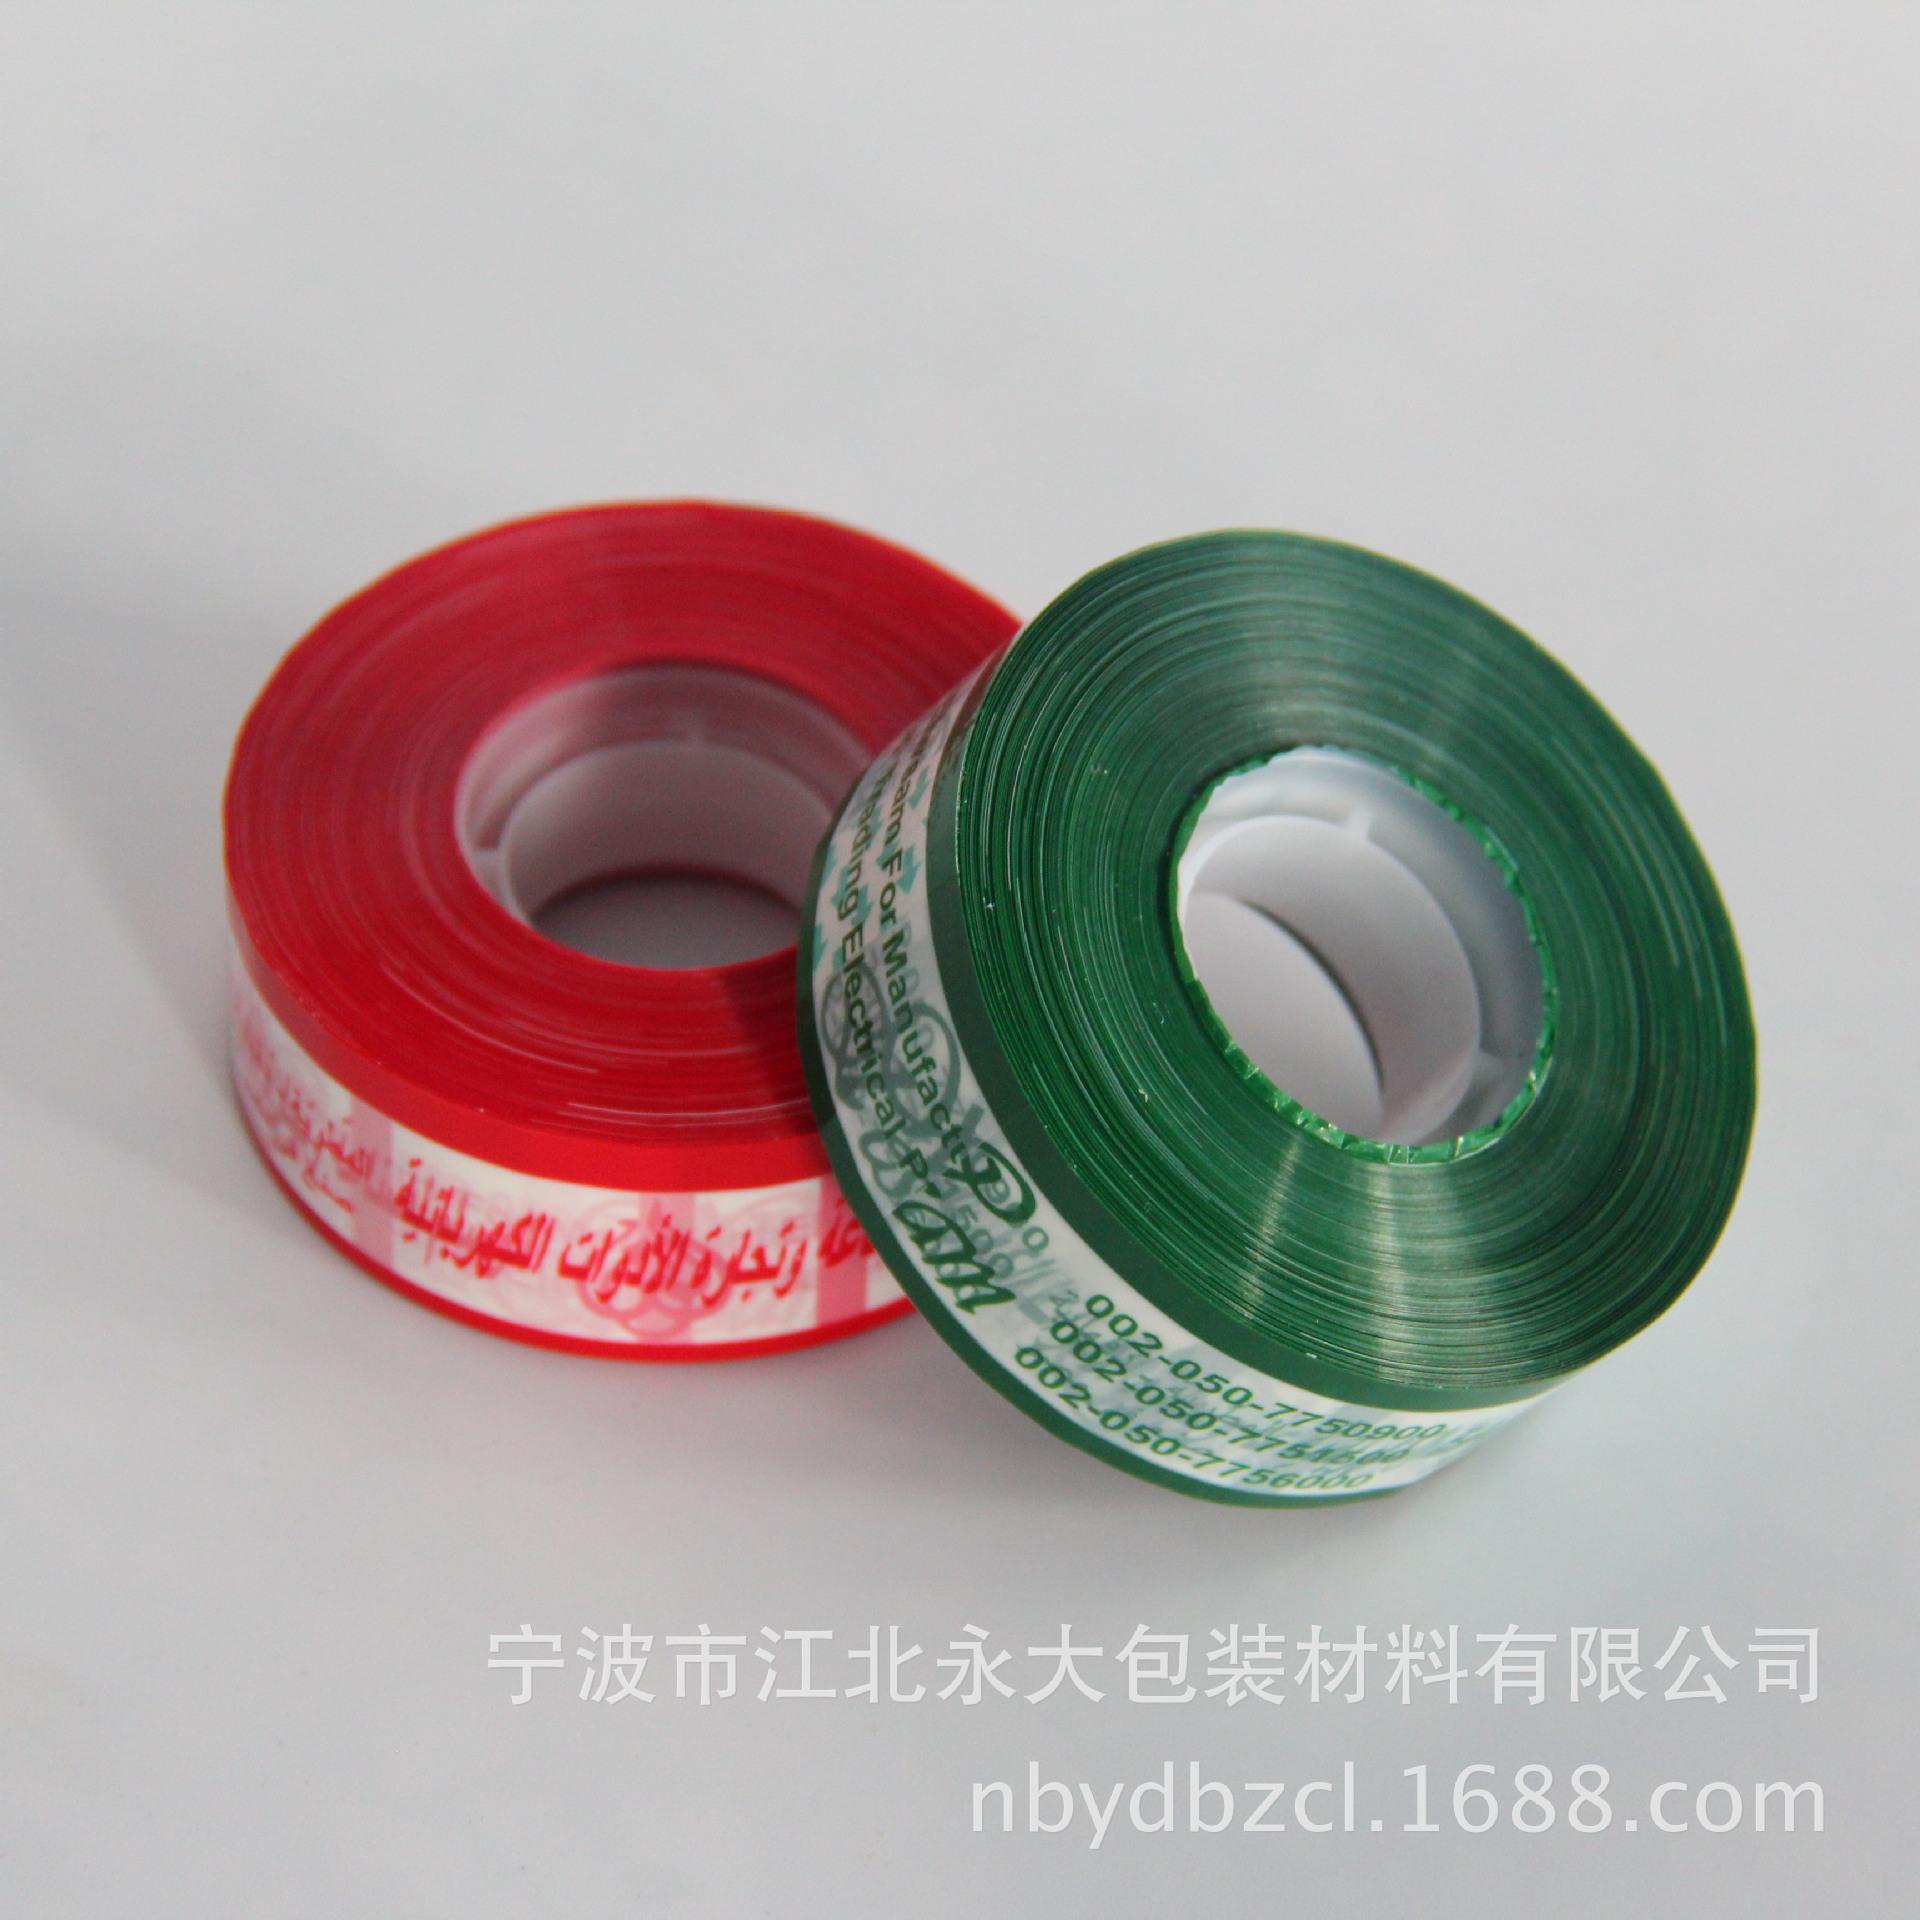 文具印刷胶带批发 淘宝文具印刷胶带 手工打包特种警示胶带定制